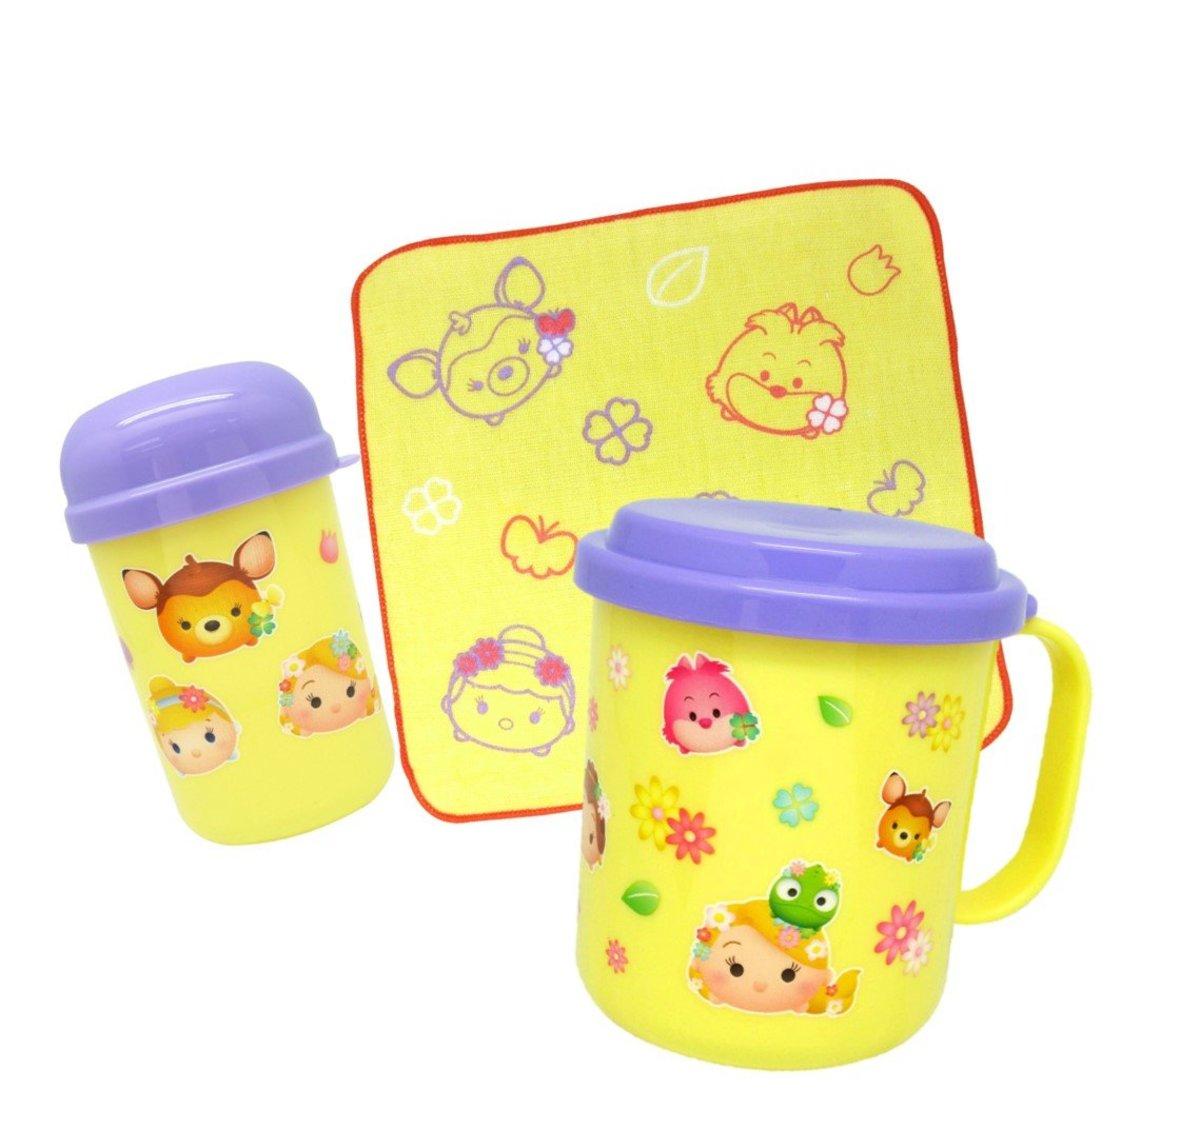 兒童餐具套裝 D(迪士尼許可產品)